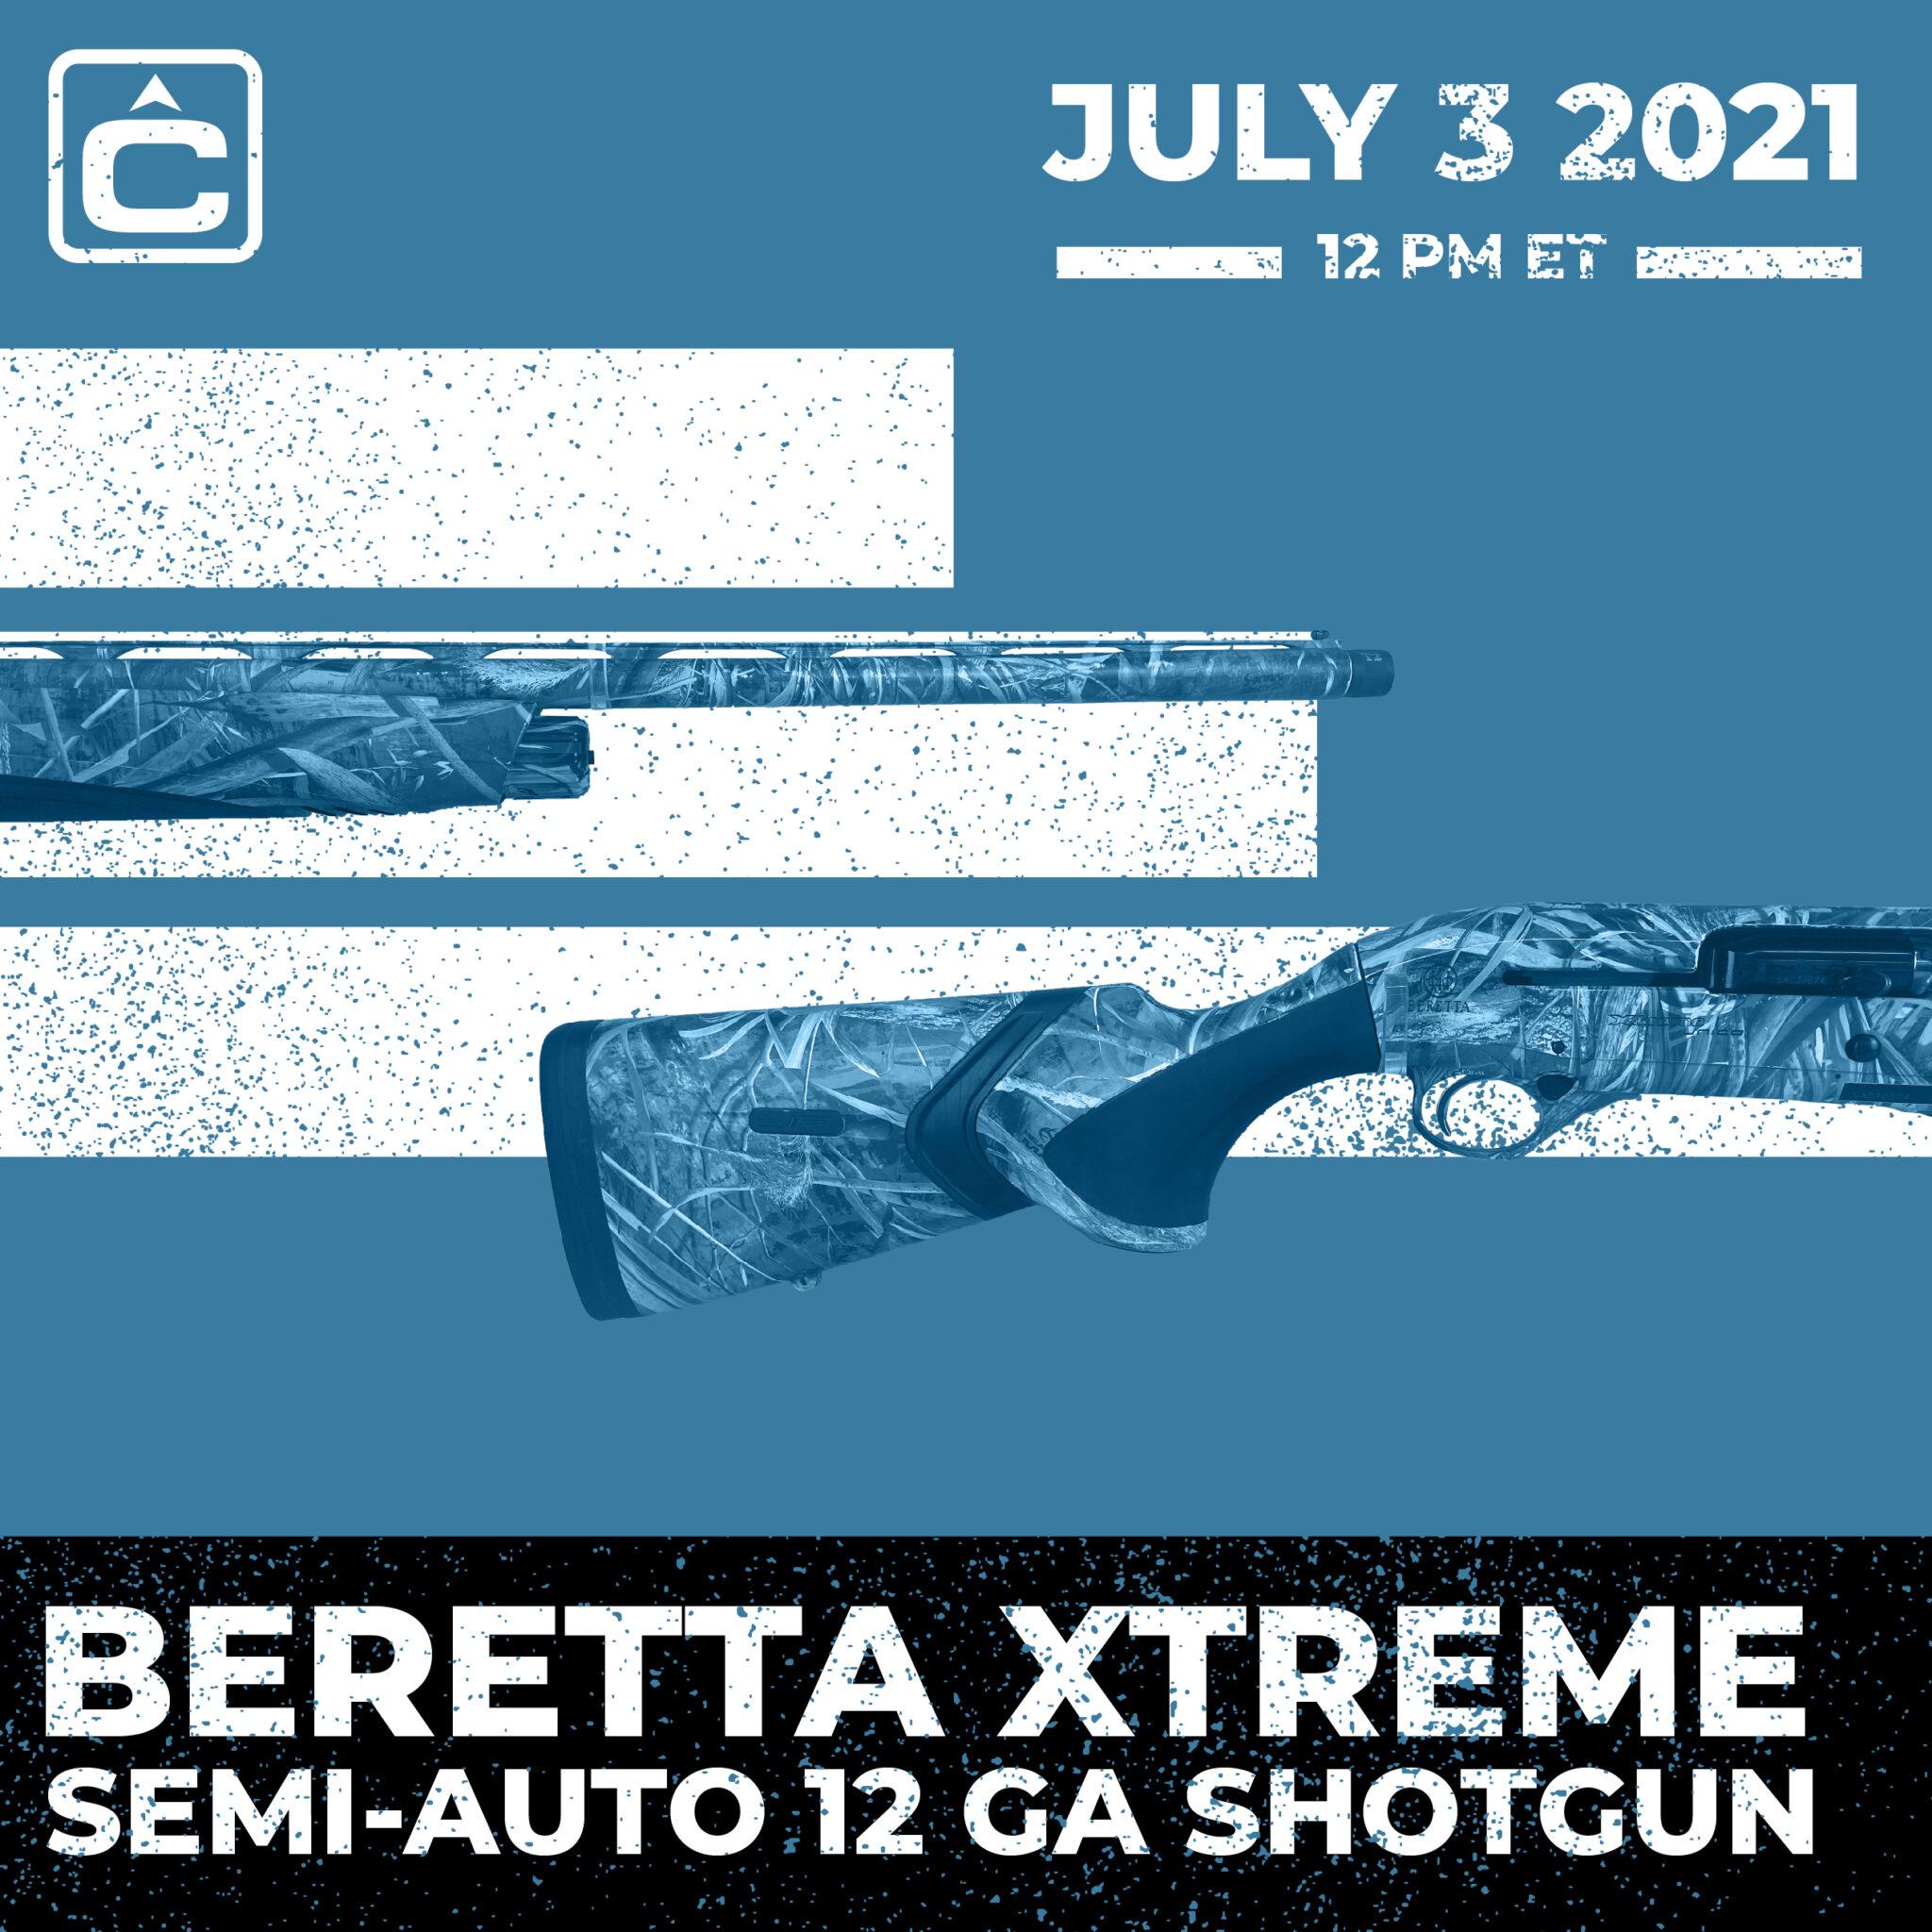 BERETTA XTREME - SEMI-AUTO 12 GA SHOTGUN